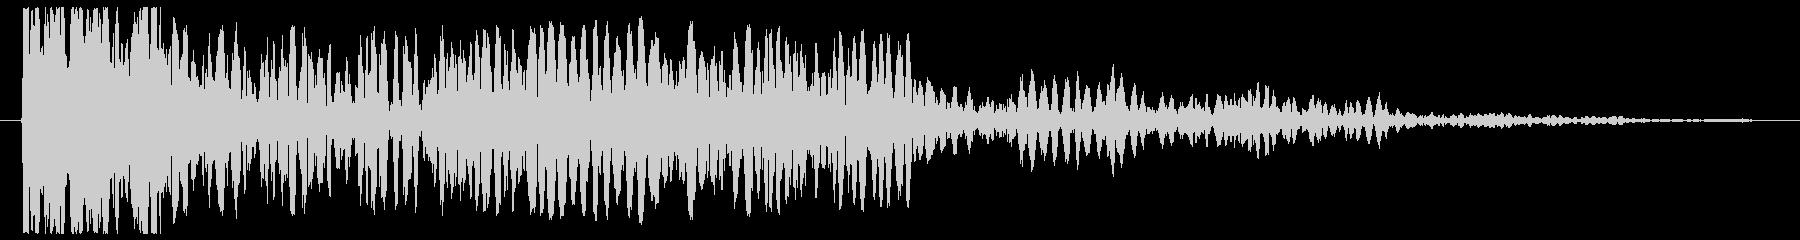 シューンシューン(発射)の未再生の波形